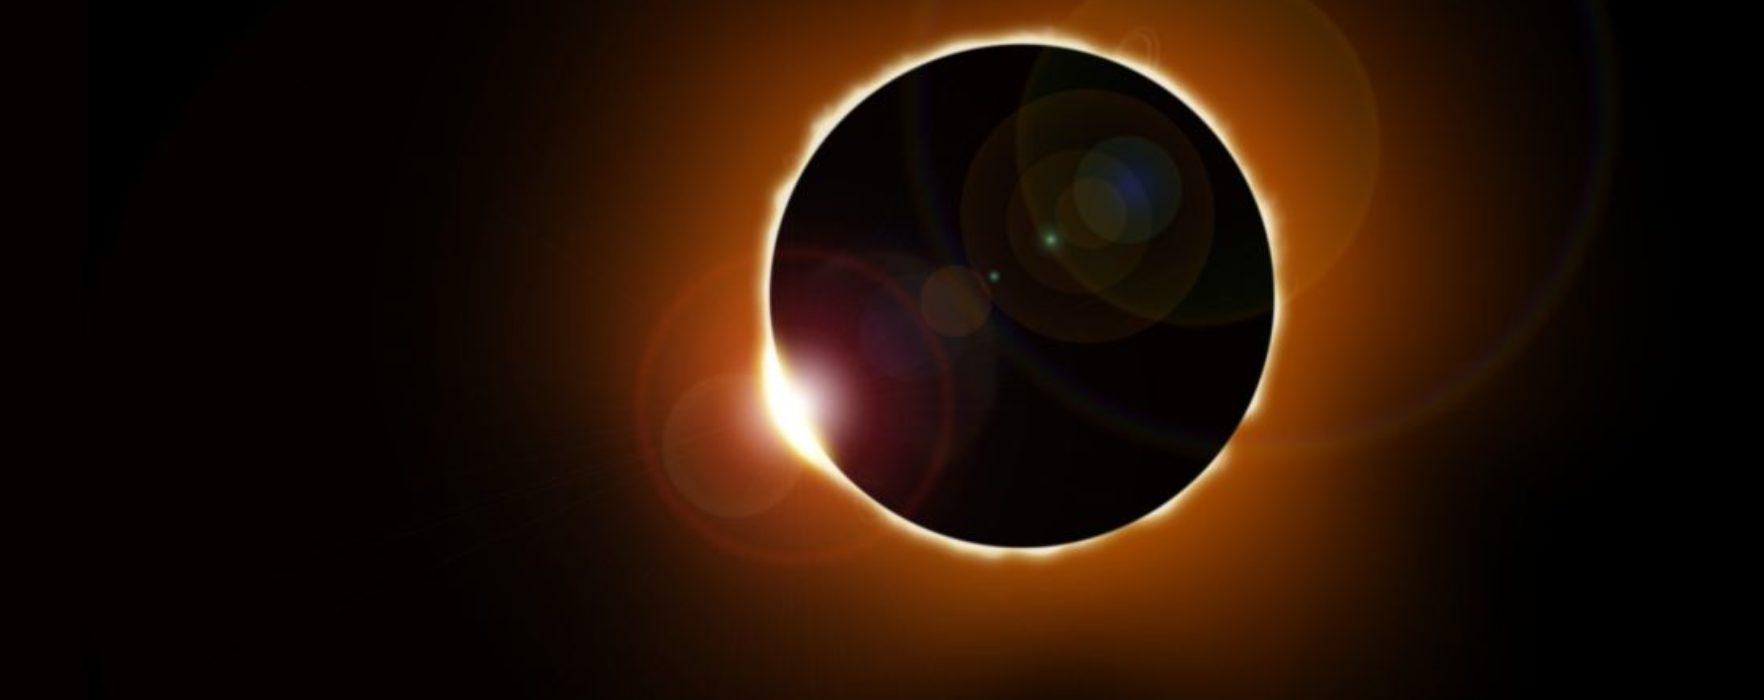 SARM: Telescoape în Piaţa Tricolorului Târgovişte pentru observarea eclipsei de soare din 20 martie